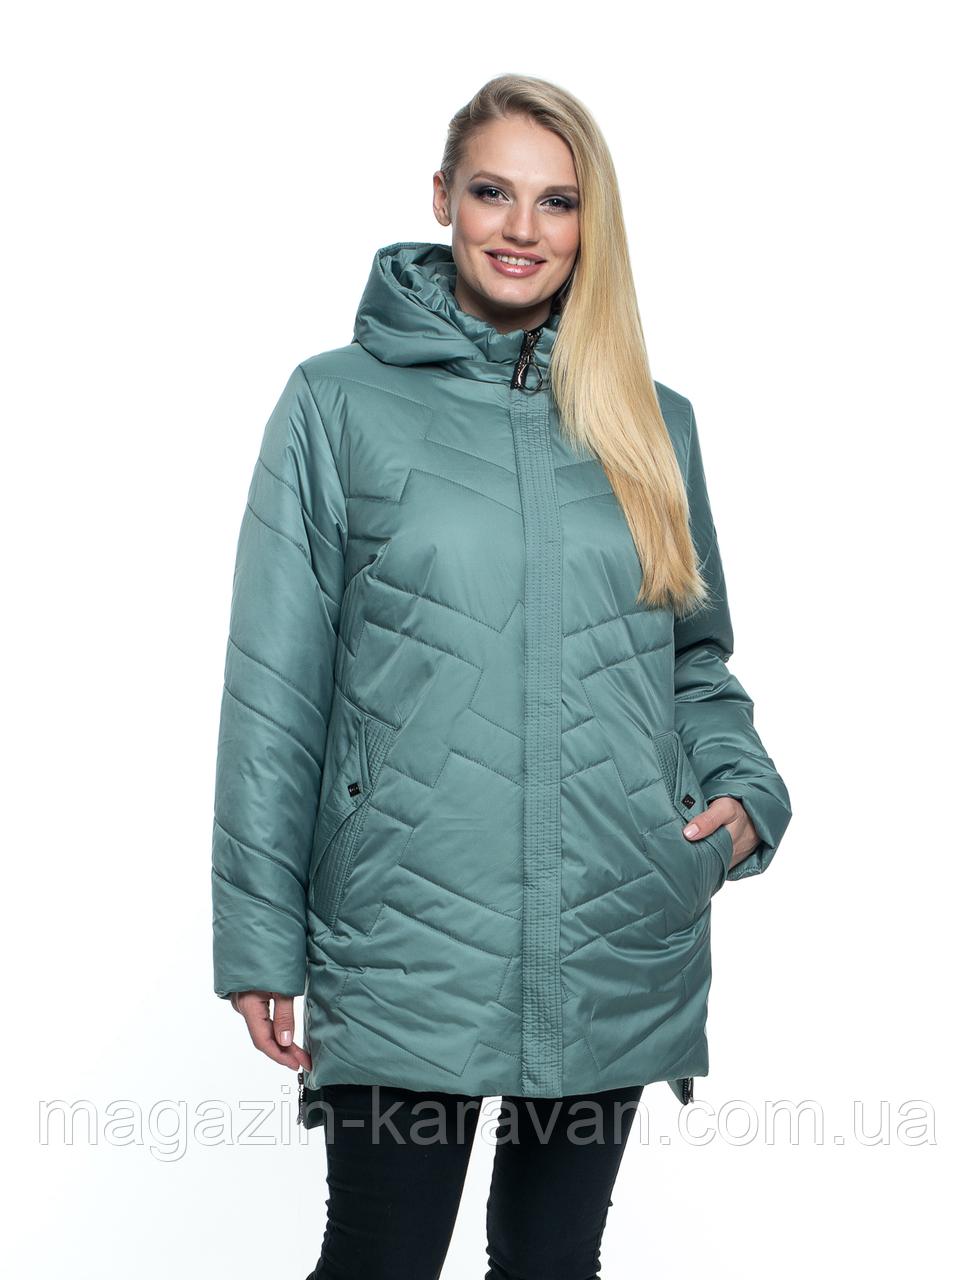 Женская куртка демисезонная большого размера, цвет мята (54-70)